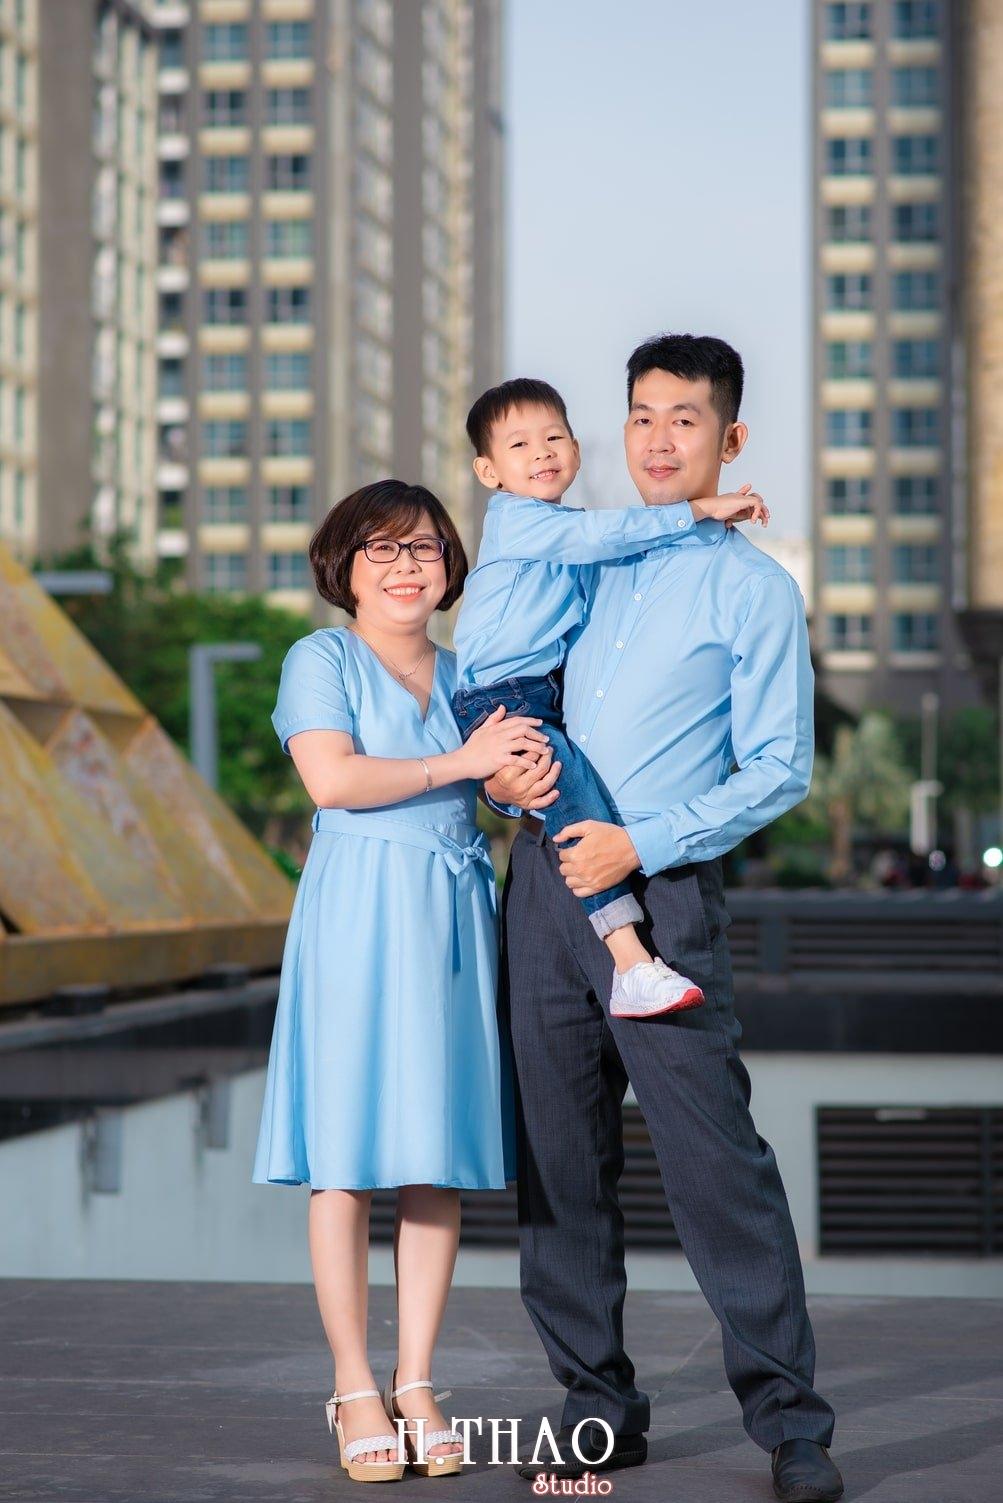 Anh gia dinh landmark 5 - Album ảnh gia đình chị Tâm chụp tại Vinhome Central Park